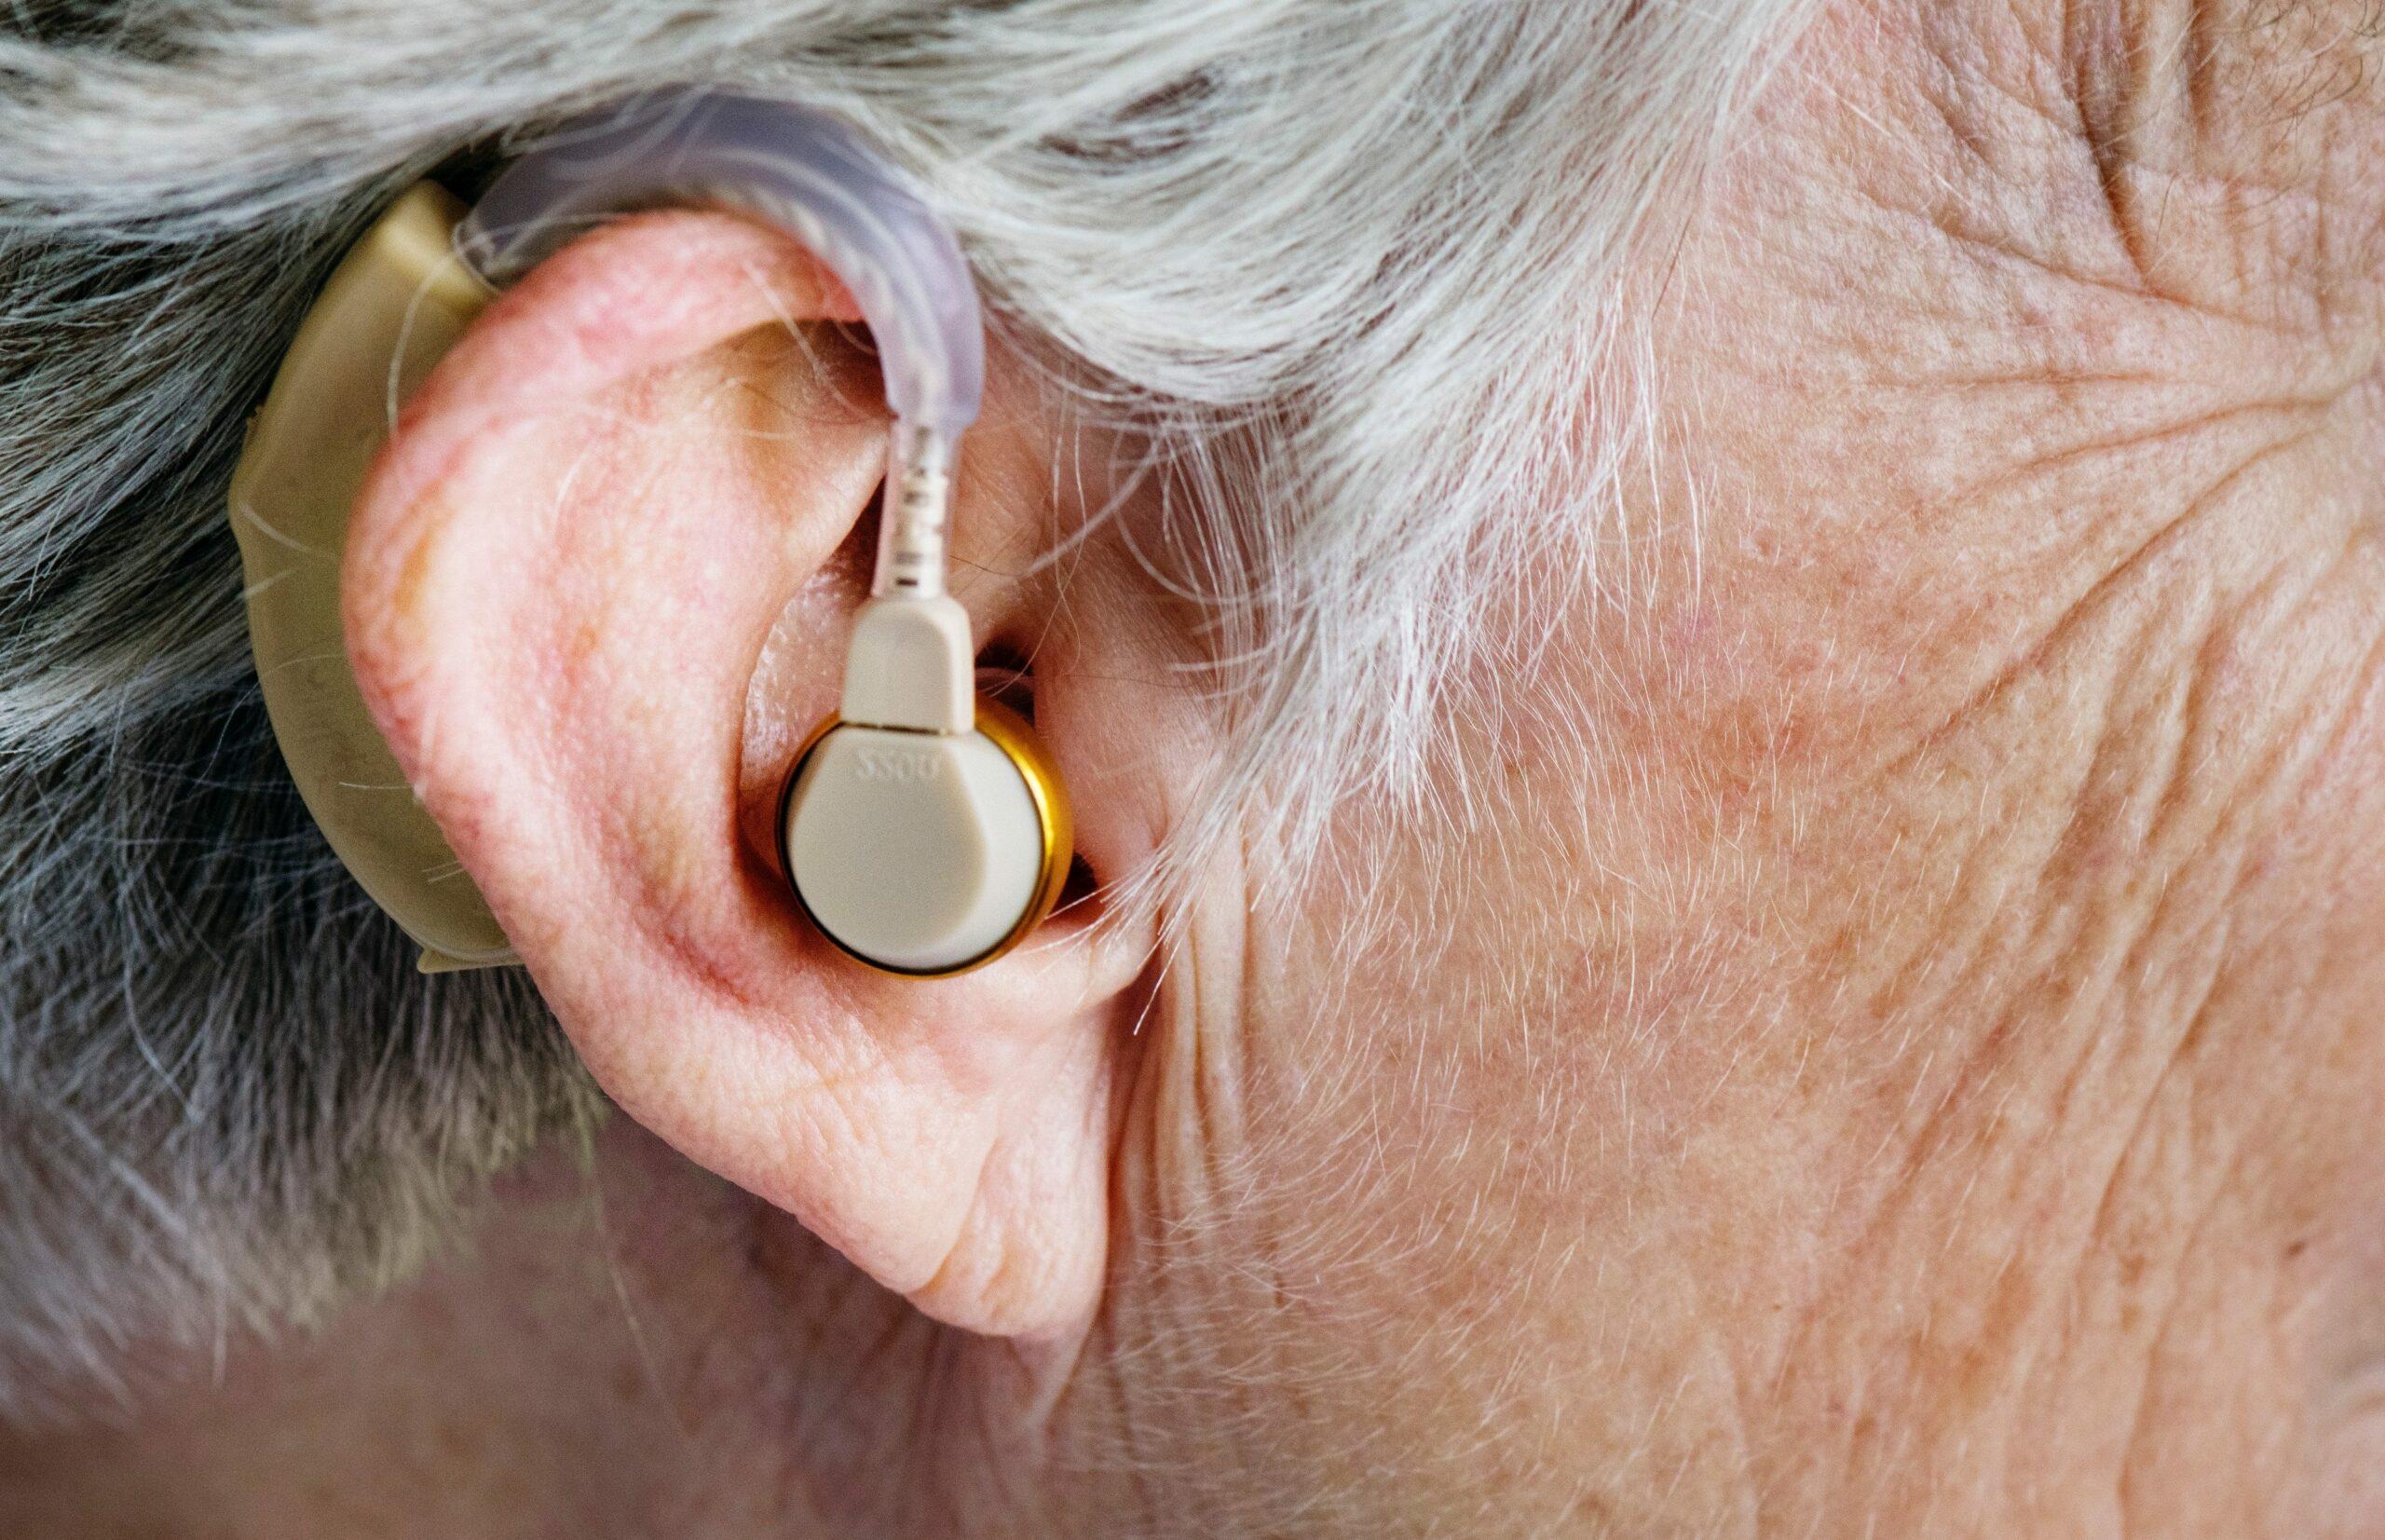 appareil auditif dans une oreille